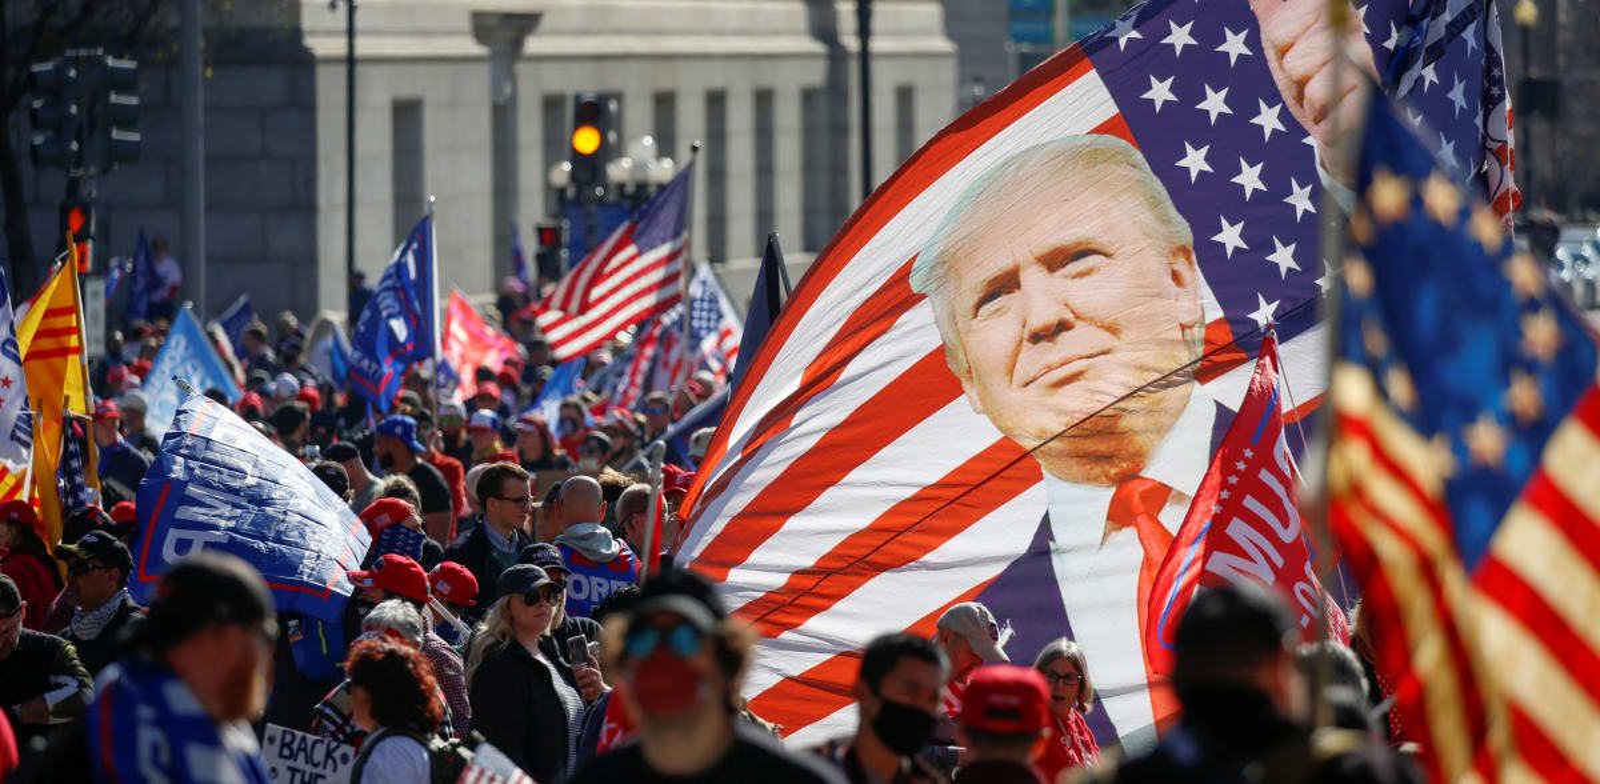 """הפגנות תמיכה בנשיא טראמפ ונגד """"גניבת הבחירות"""" וה""""זיופים"""" בספירת הקולות, בוושינגטון השבוע / צילום: Reuters, JIM URQUHART"""